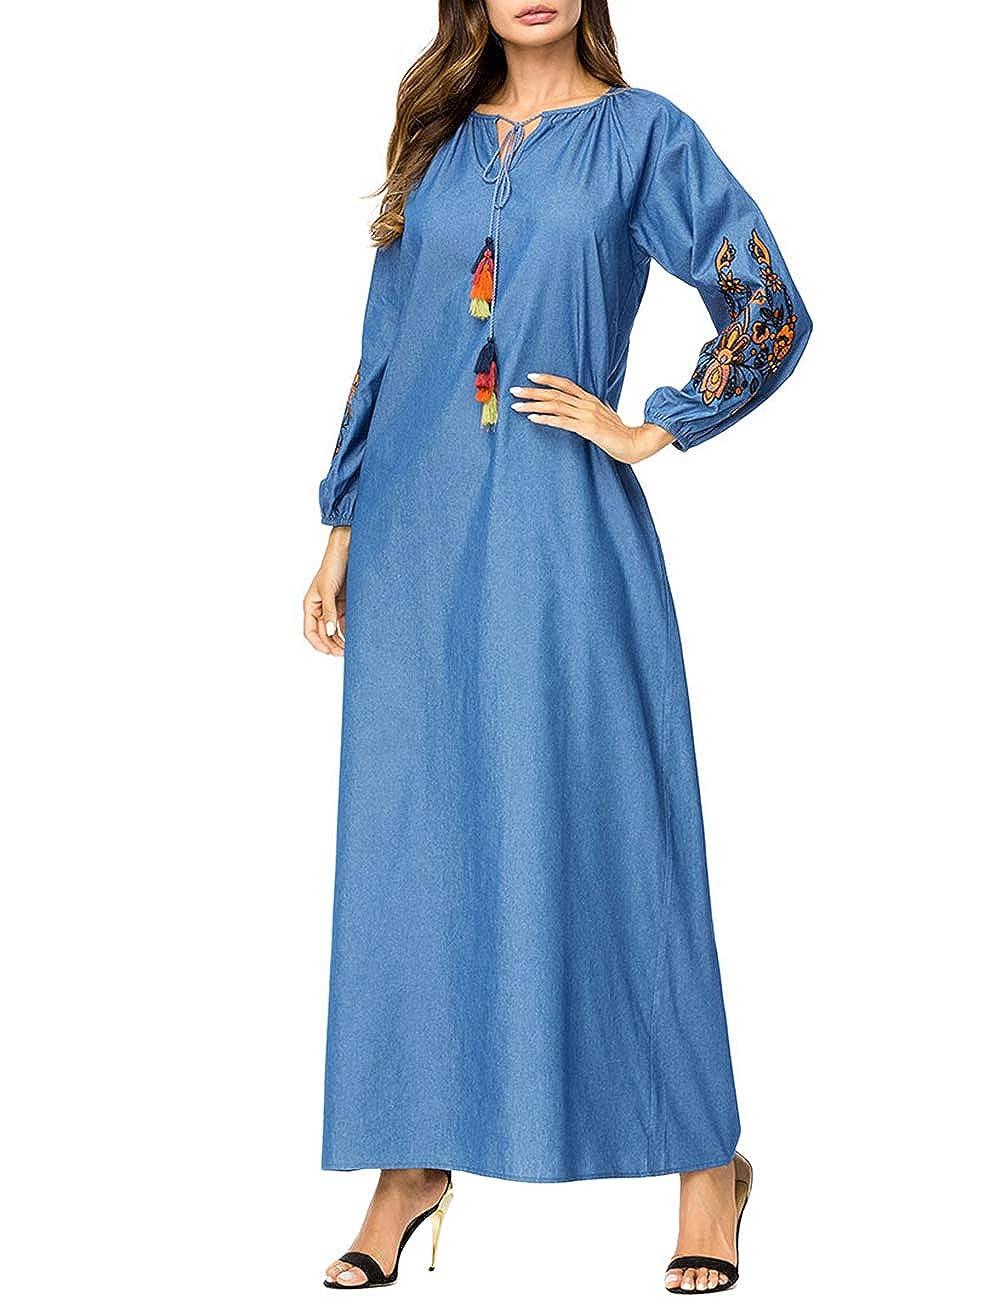 Zhhlinyuan Musulmanes Largo Bordado Vestir Ramadán Festival Suelto Batas - Fiesta Cóctel Vestido árabe Islámico Ropa: Amazon.es: Ropa y accesorios